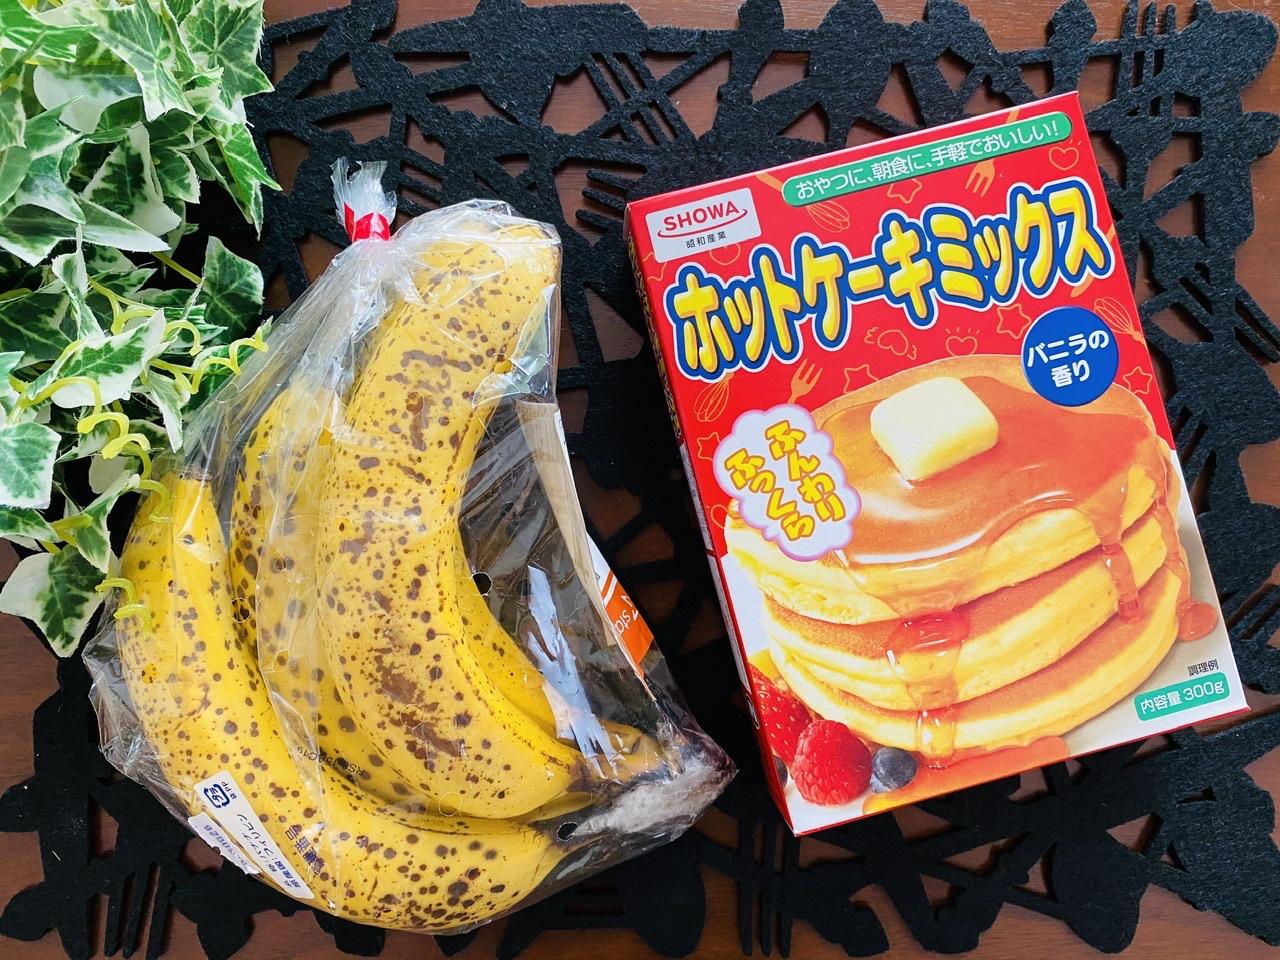 【おうちカフェ】超簡単なのに絶品★ホットケーキミックスでつくる人気レシピを実践♡-ひとくちドーナツ-_2